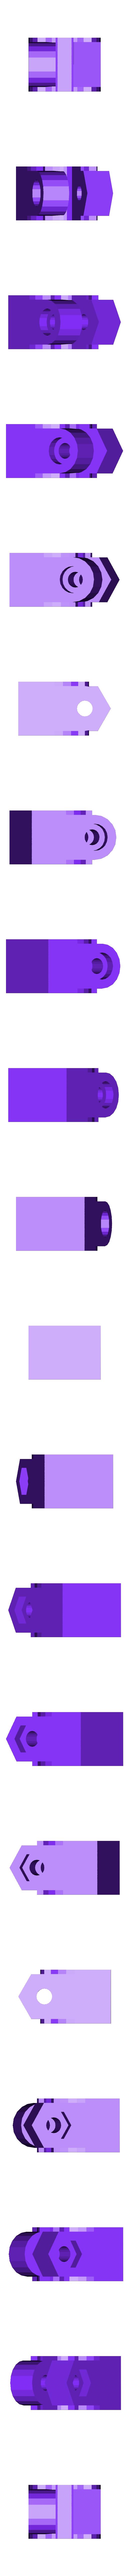 lm8uu-holder-slim_v1-1_for8mmSmoothRods.stl Download free STL file Compact MendelMax Y-Rod Holders • 3D printer design, Bolog3D